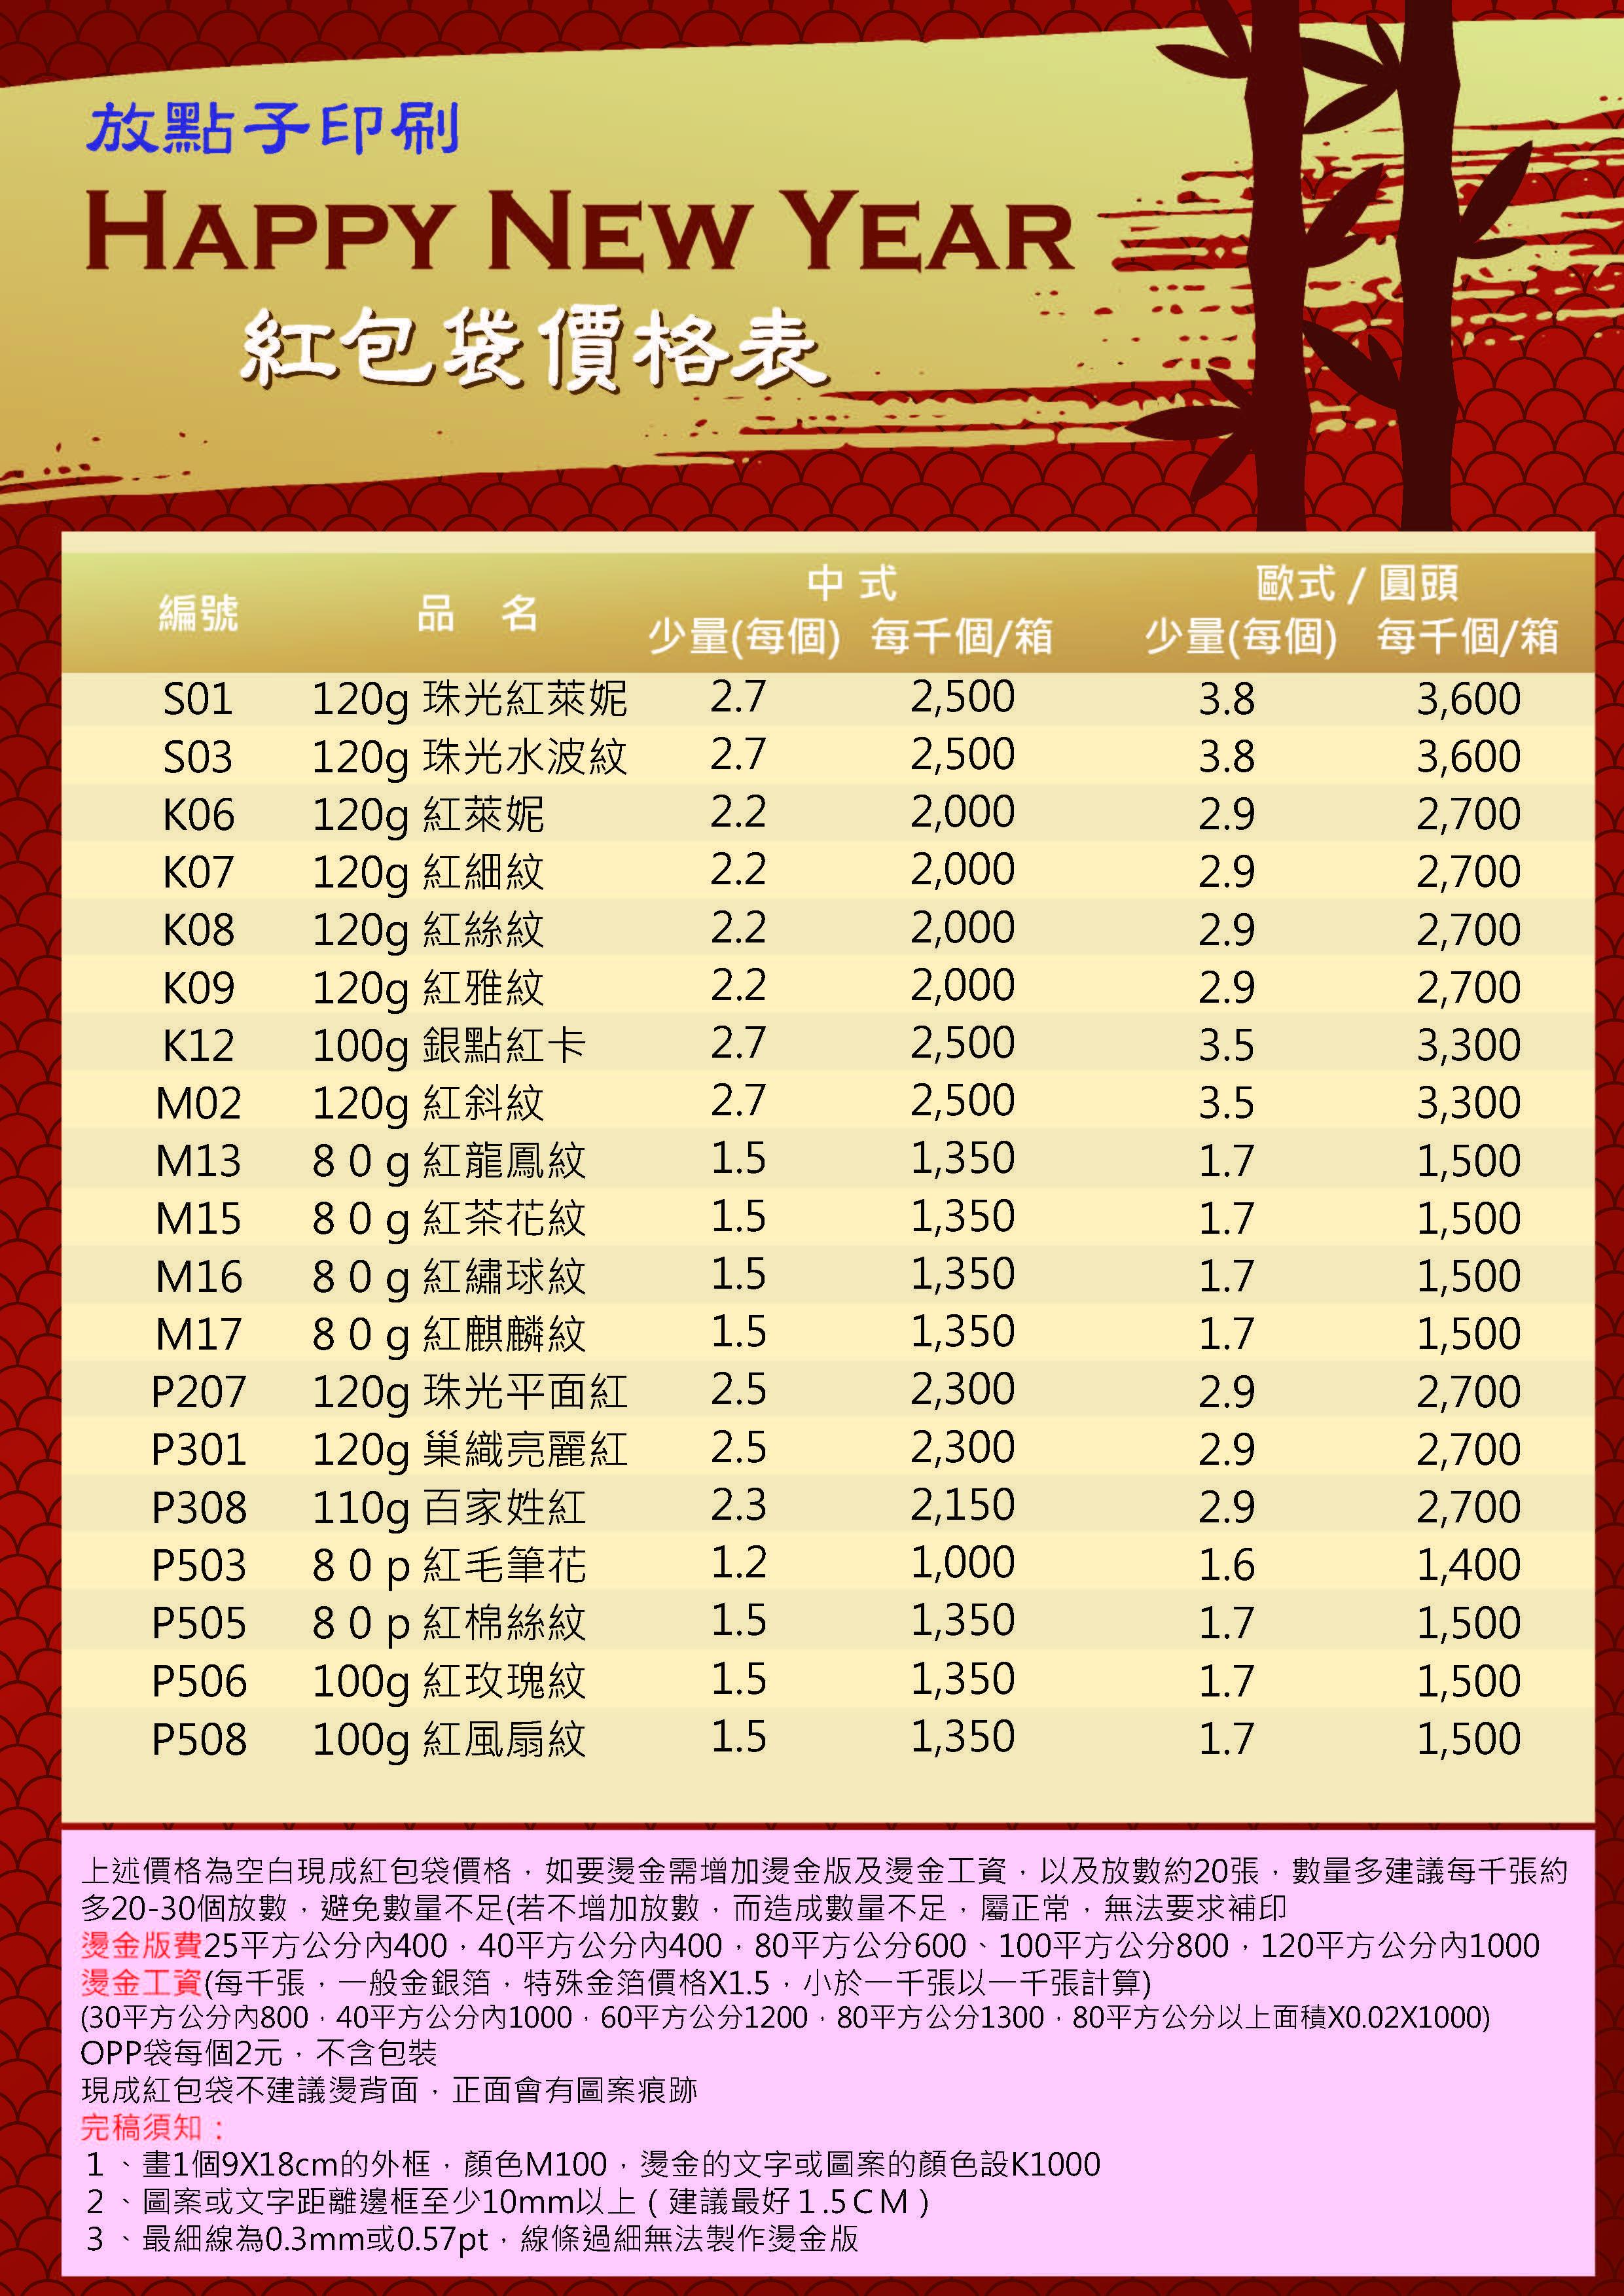 2020紅包袋價格表.jpg